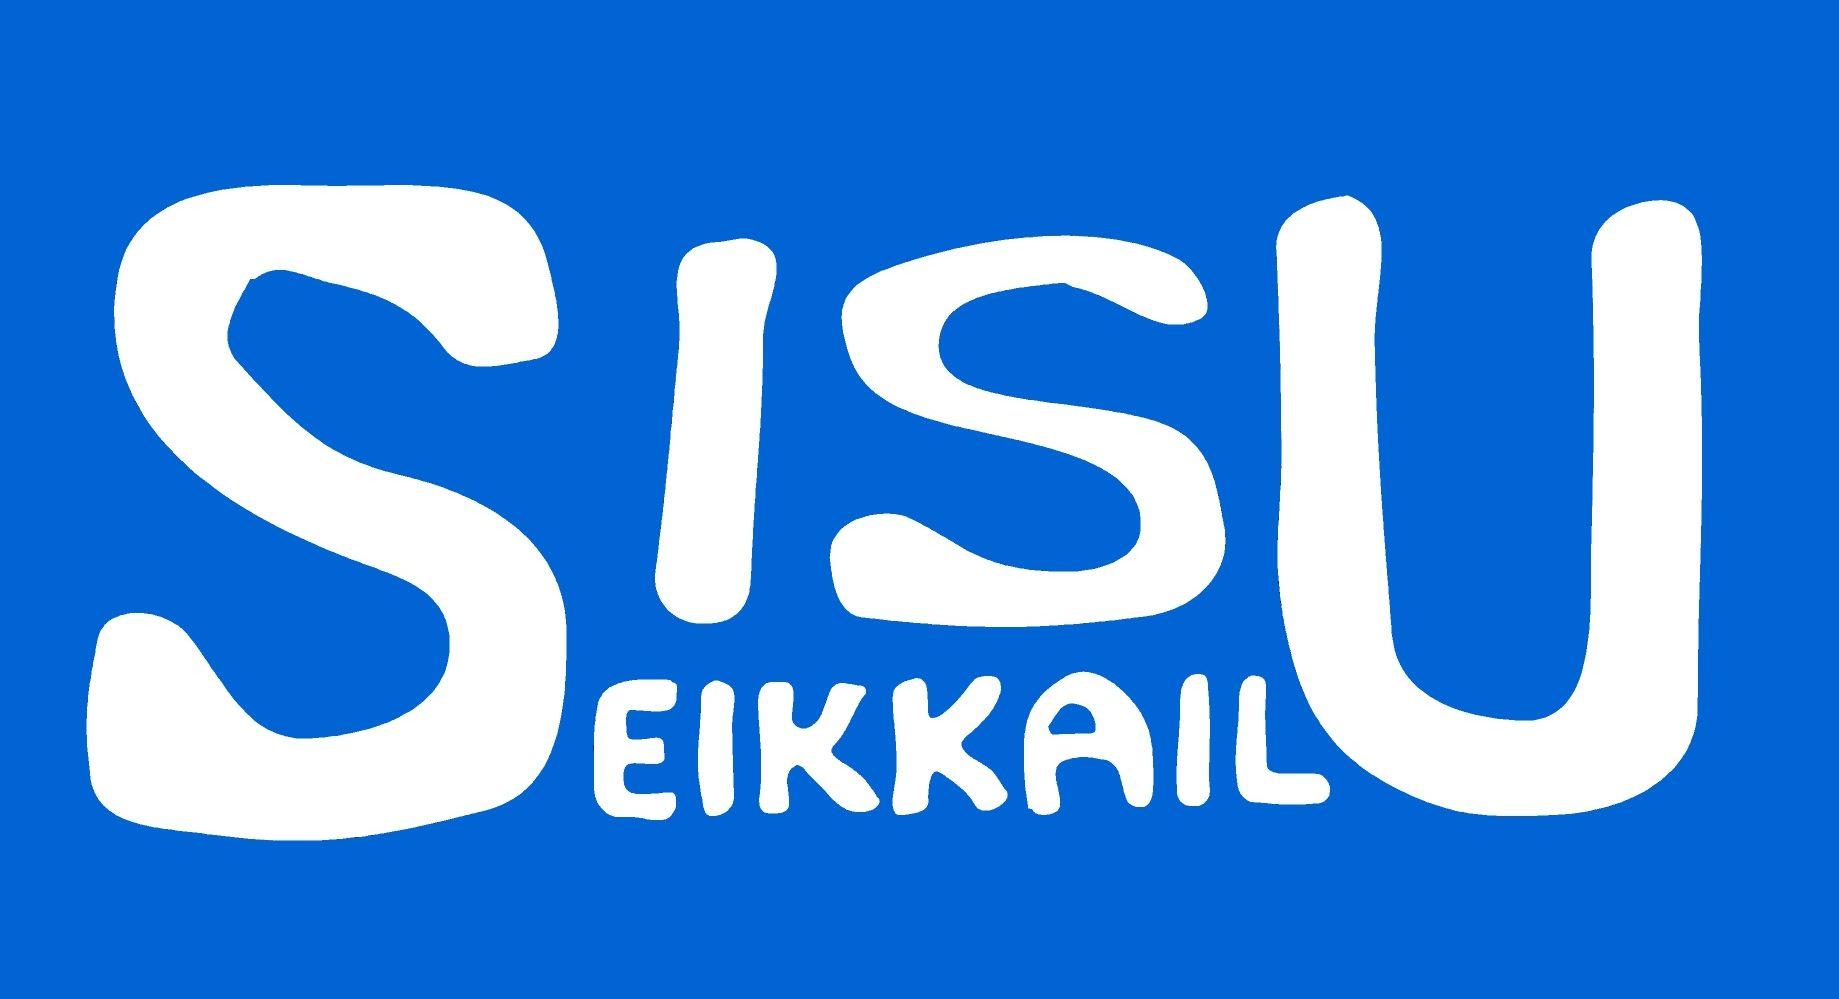 Sisu-Seikkailu